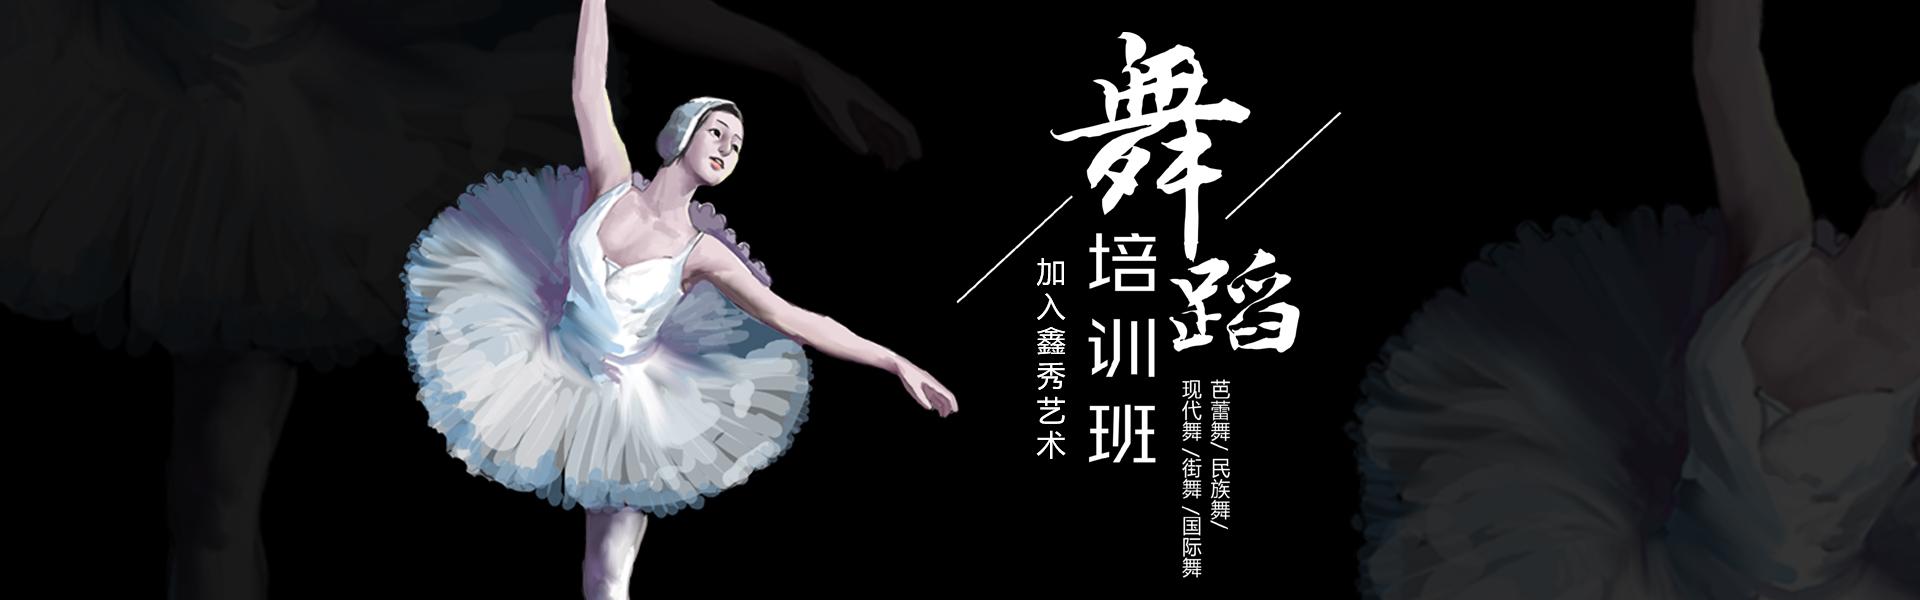 重庆舞蹈加盟